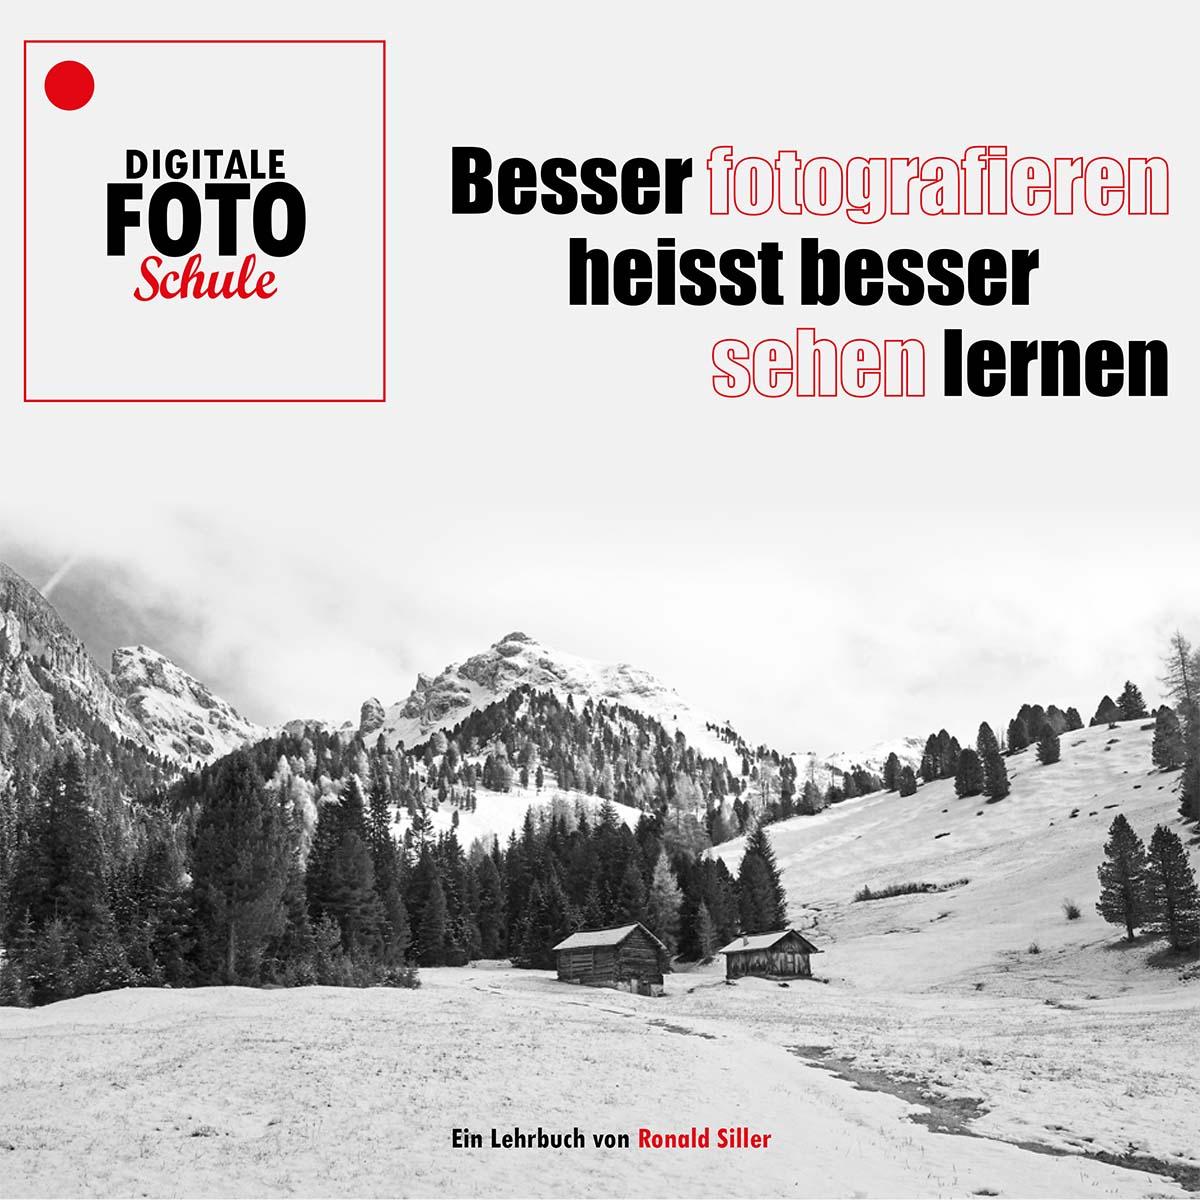 Digtale Fotoschule - Ein Lehrbuch von Ronald Siller